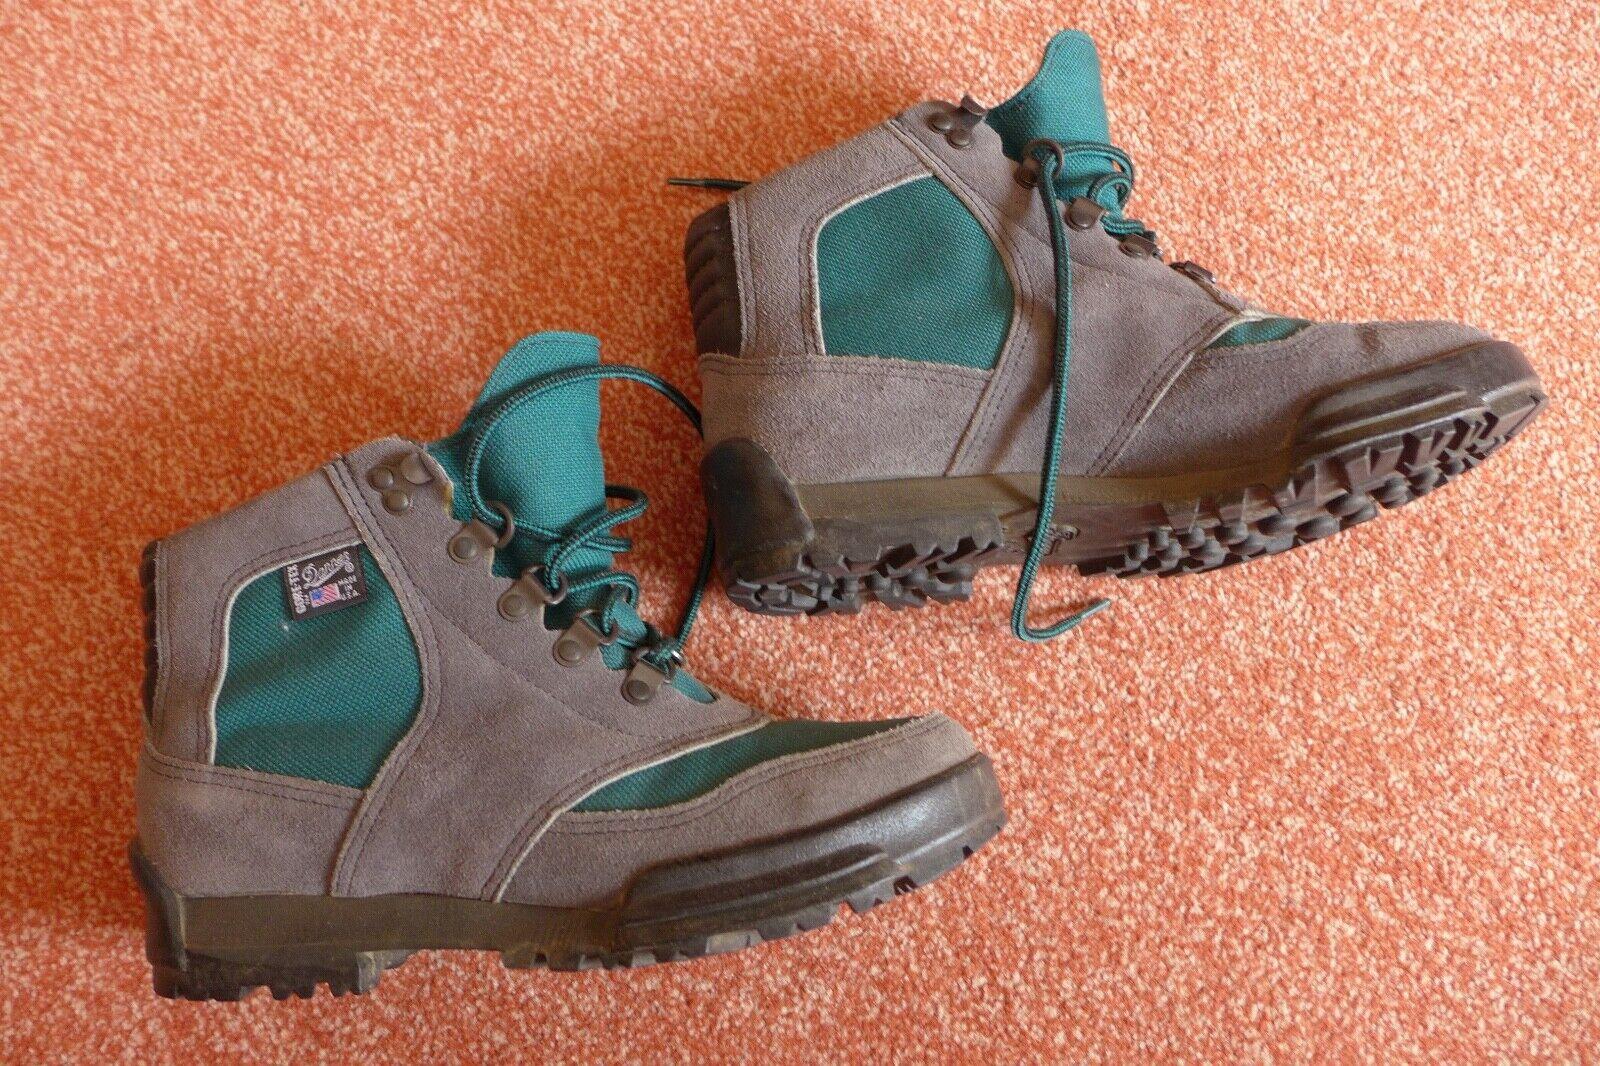 DANNER GORE-TEX Cross Hiker Wanderschuhe Gr. 9 1 2 - NEU